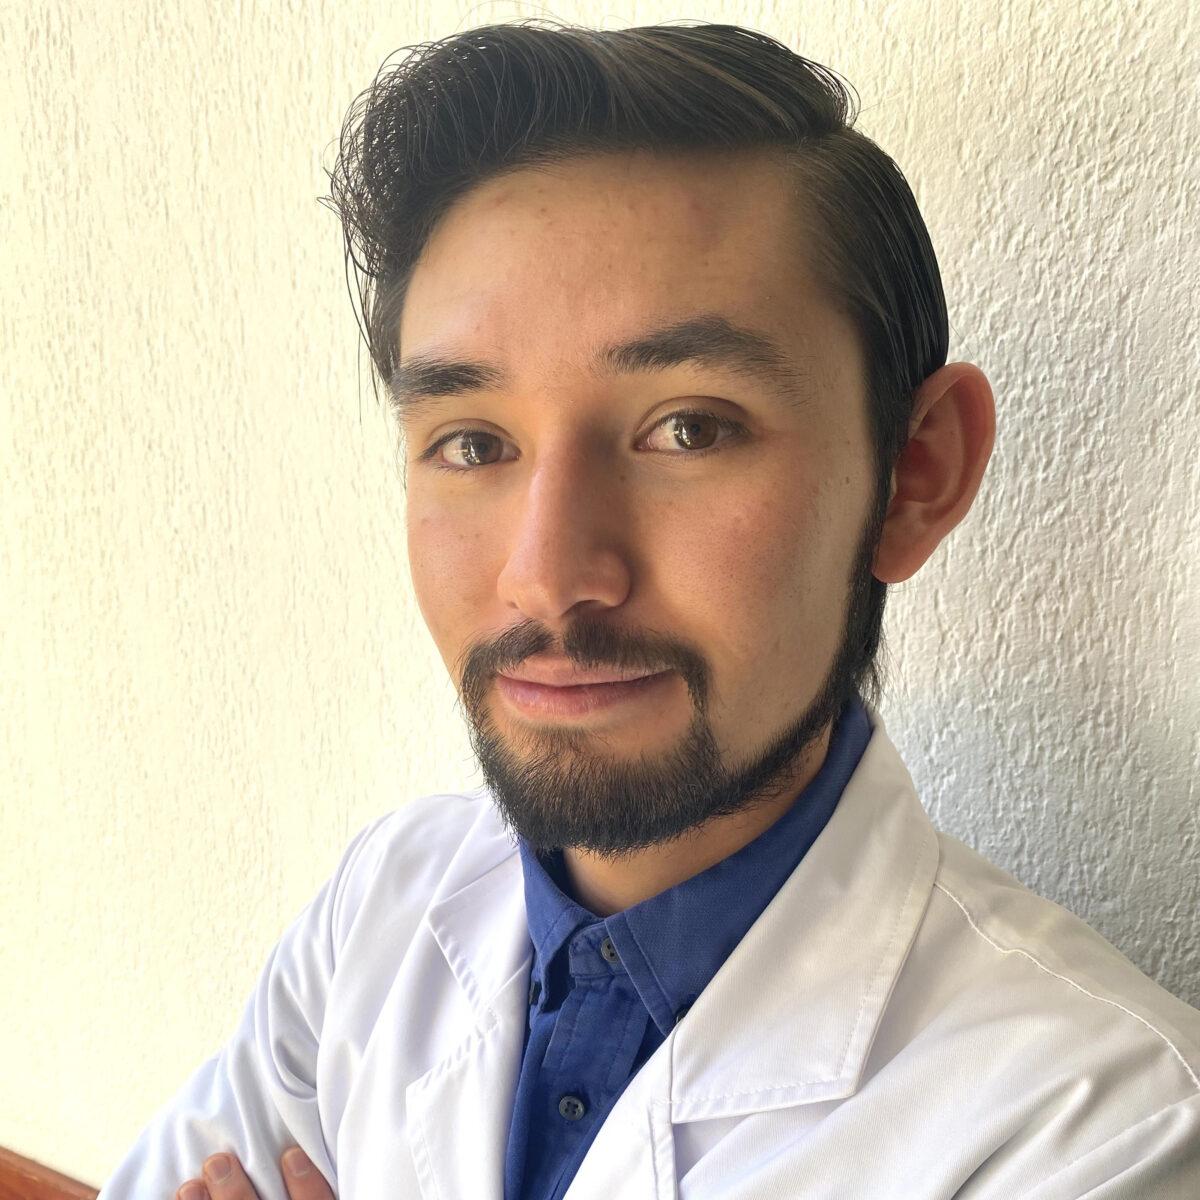 Eduardo from Mexico